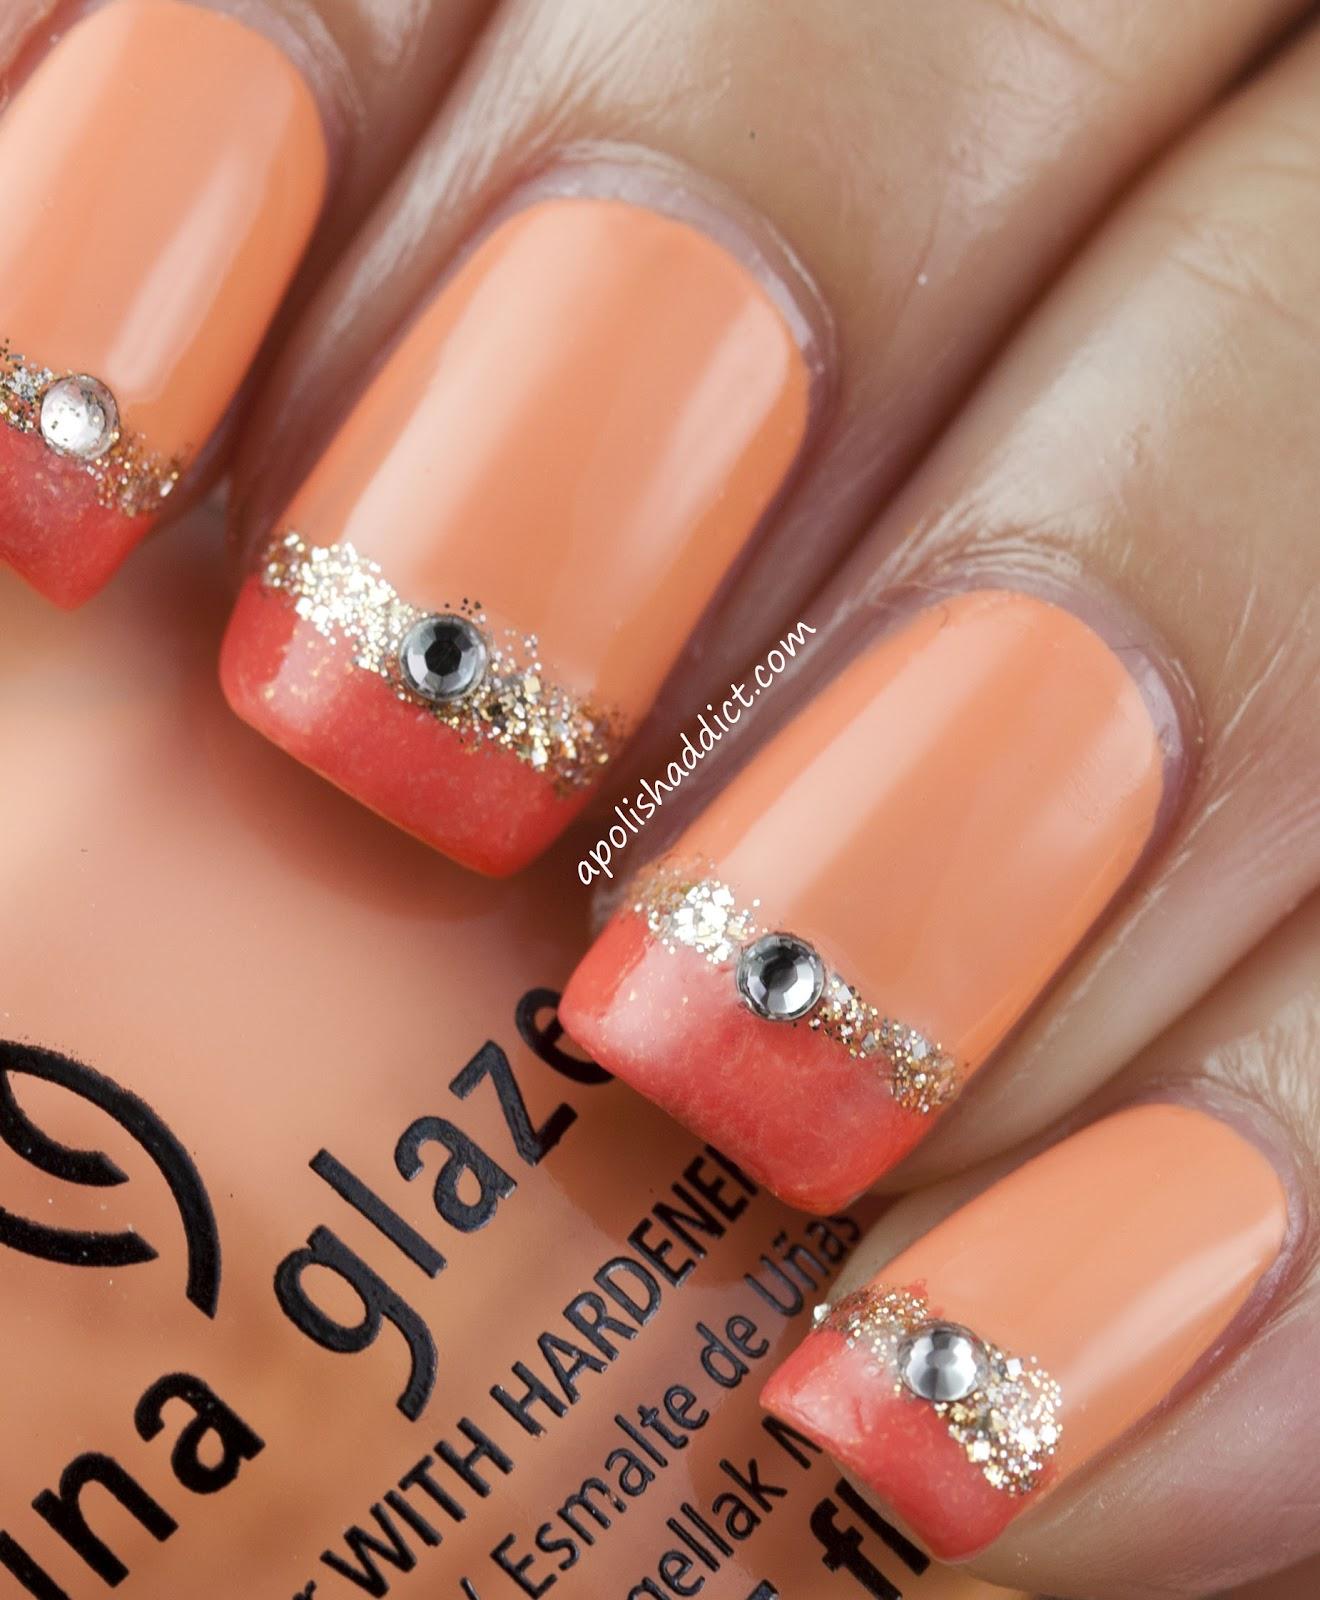 Nailzini A Nail Art Blog: Miss Cupcake Blog: Nail Art